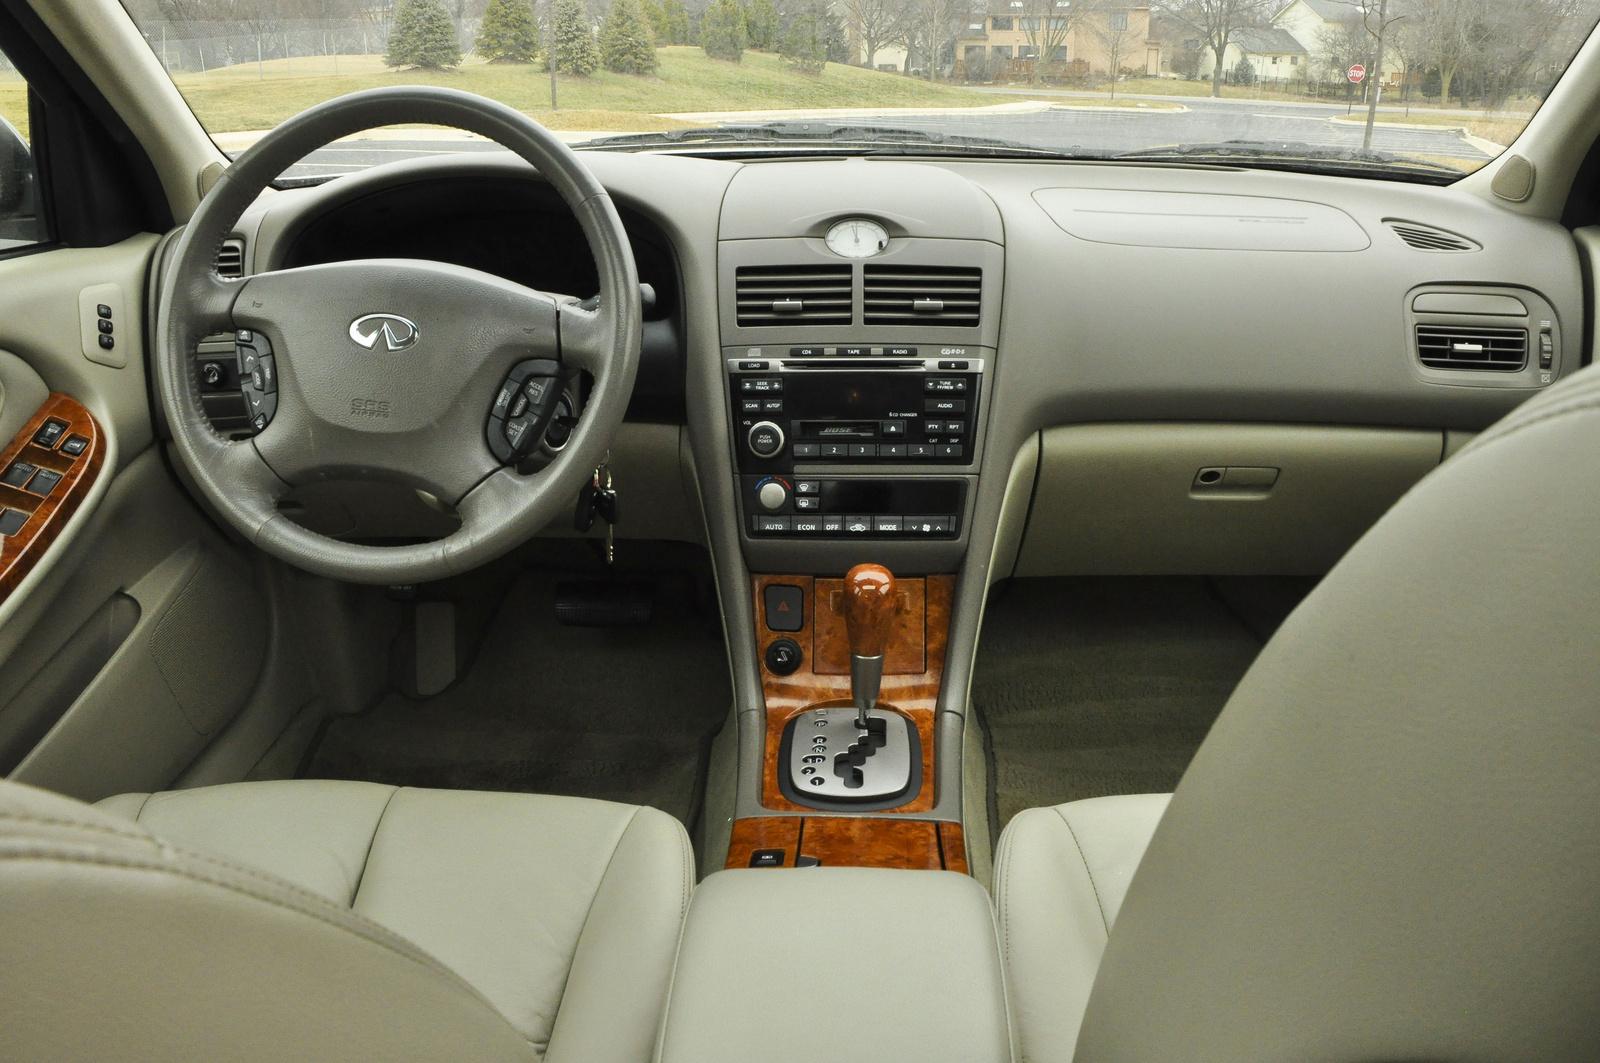 2003 Infiniti I35 Interior Pictures Cargurus